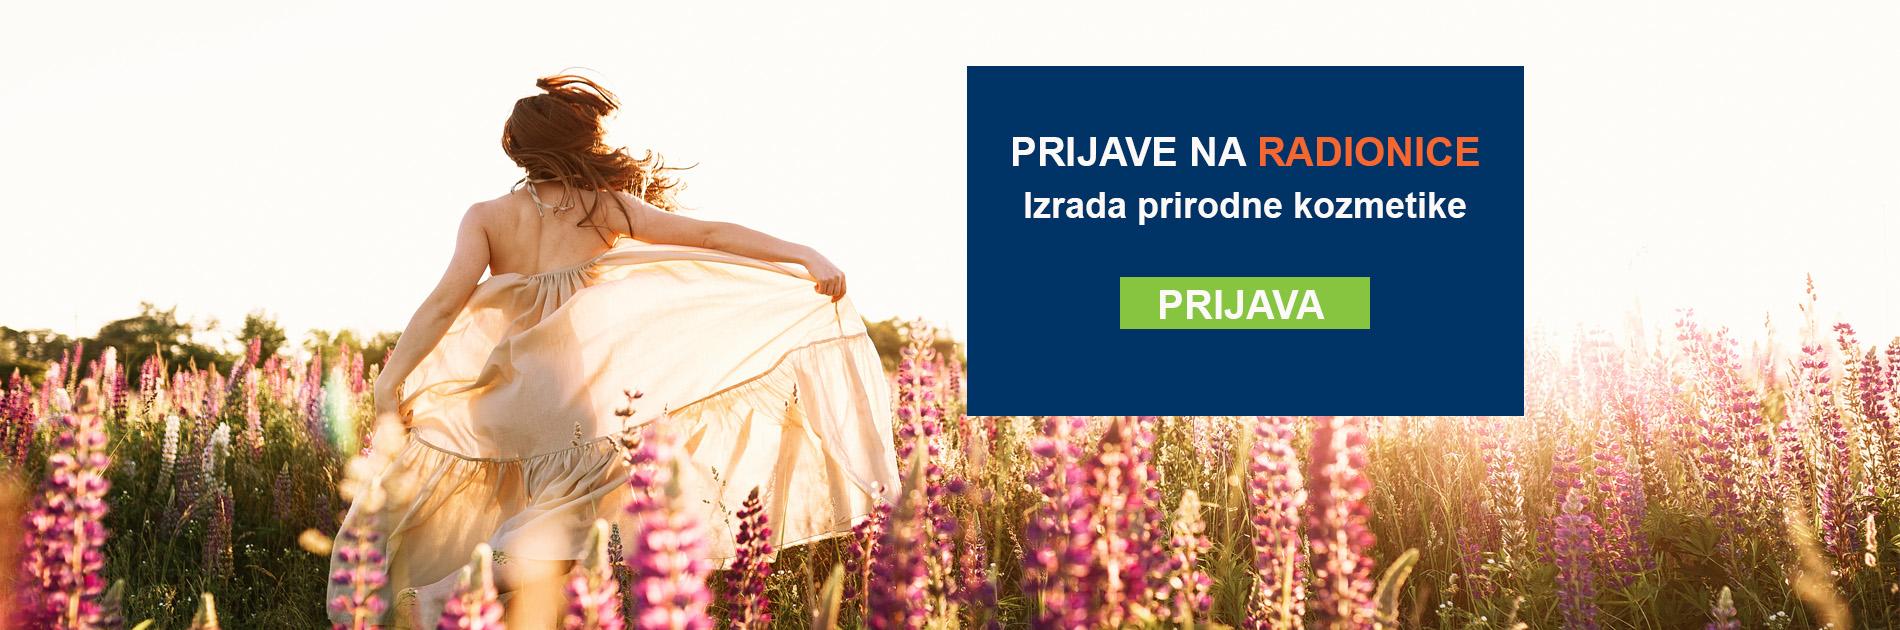 PRIJAVE NA RADIONICE - Izrada prirodne kozmetike